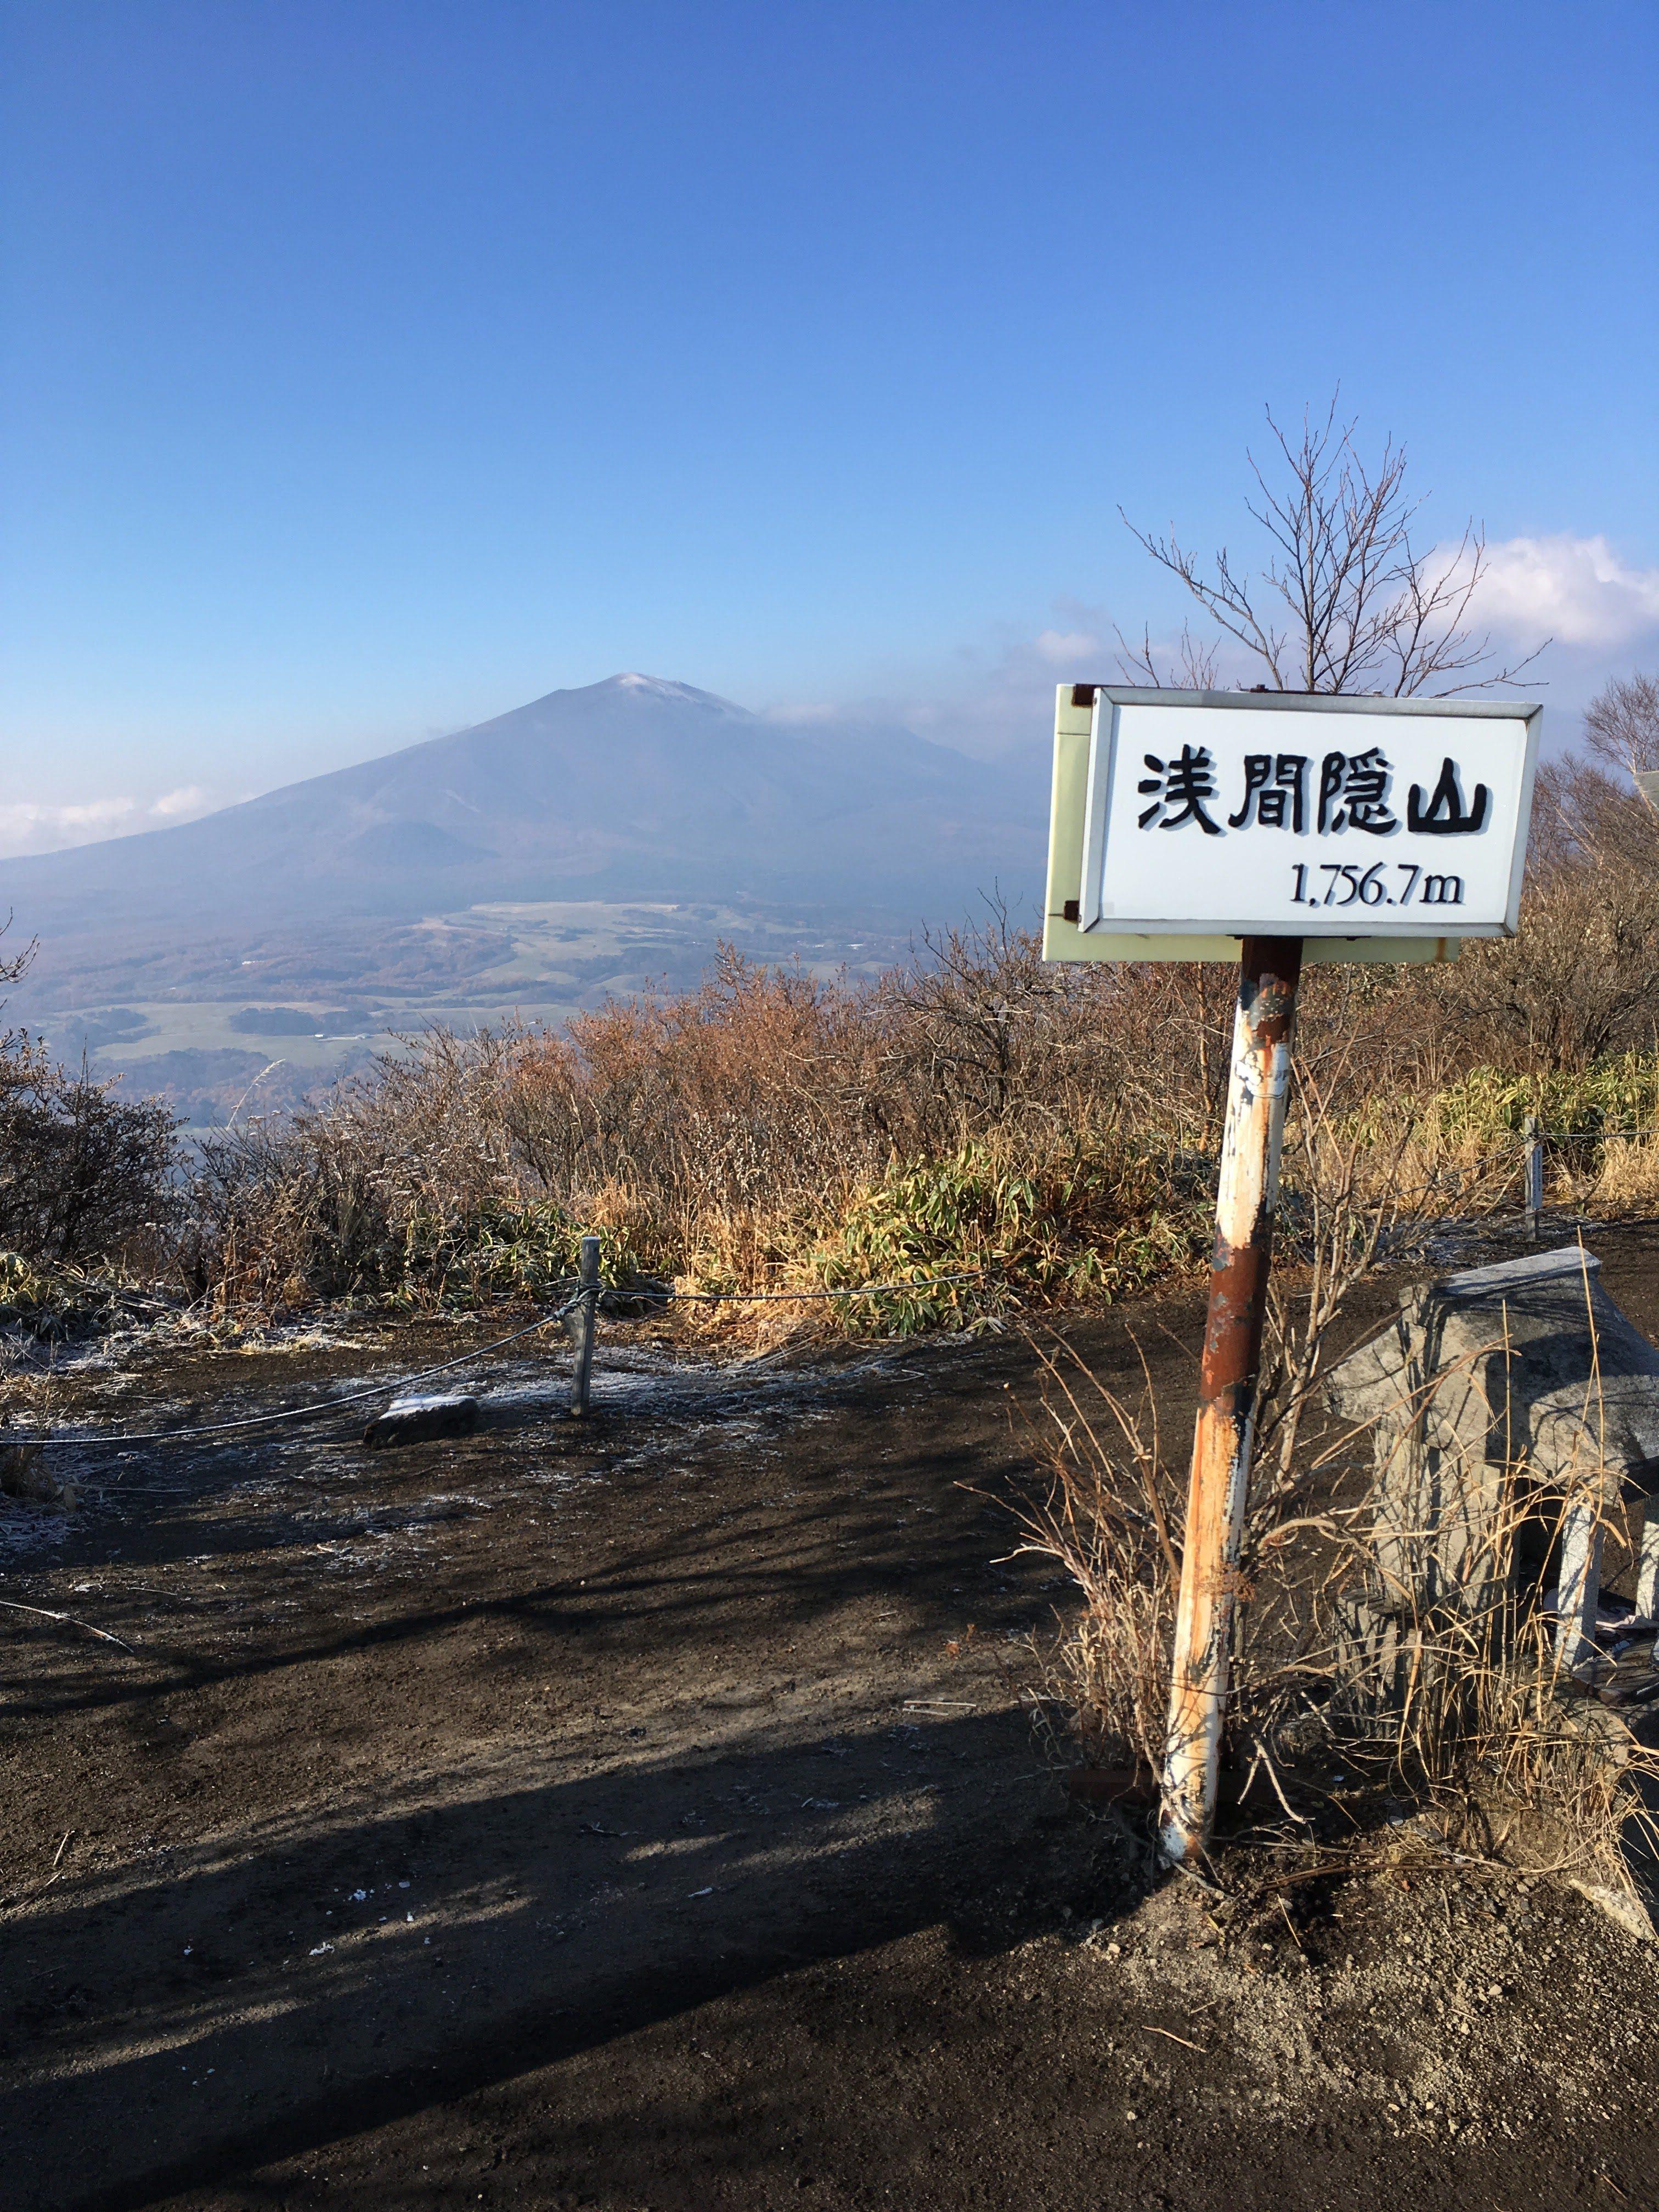 浅間隠山(あさまかくしやま)